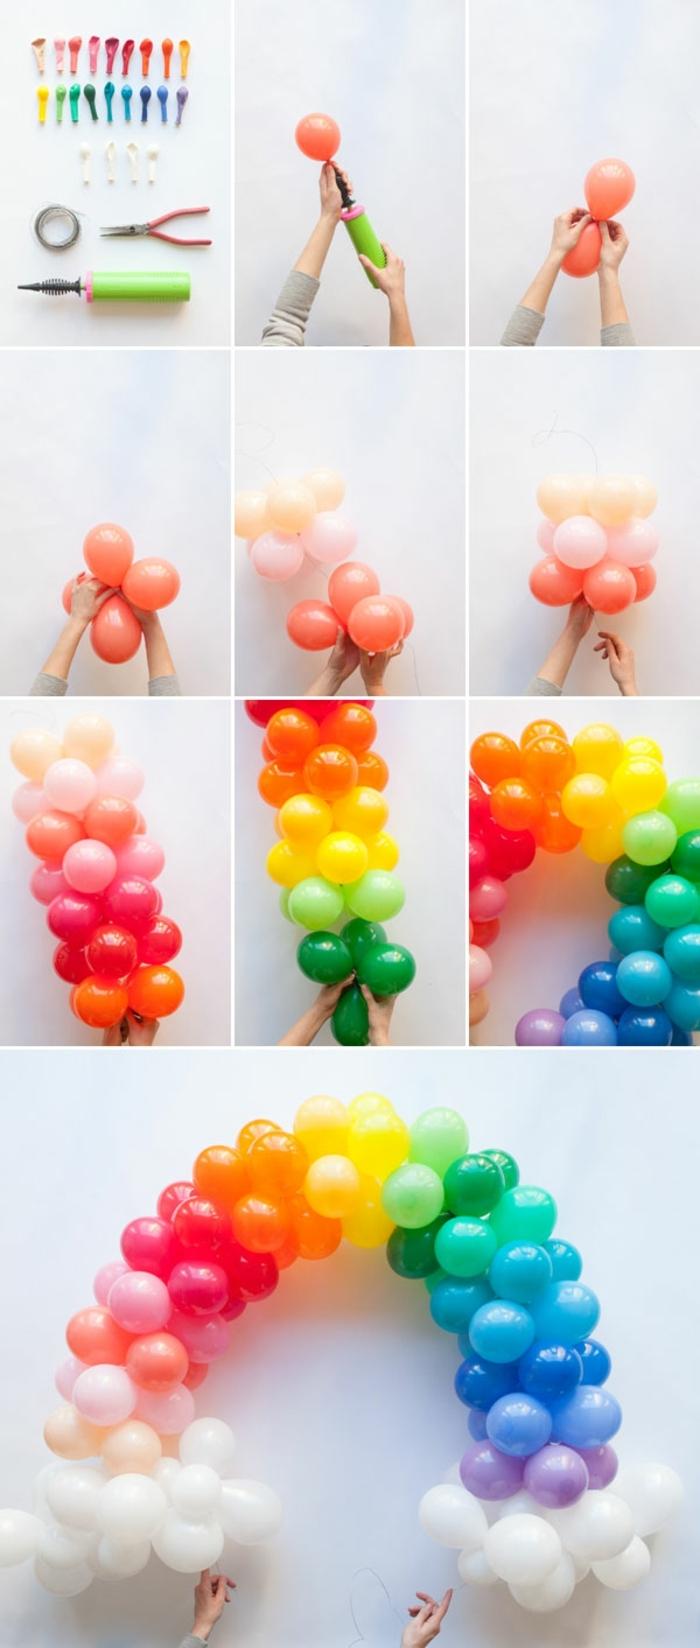 arche de ballons colorés, groupes de ballons multicolores, rassemblés en une arche de ballons groupés par couleurs